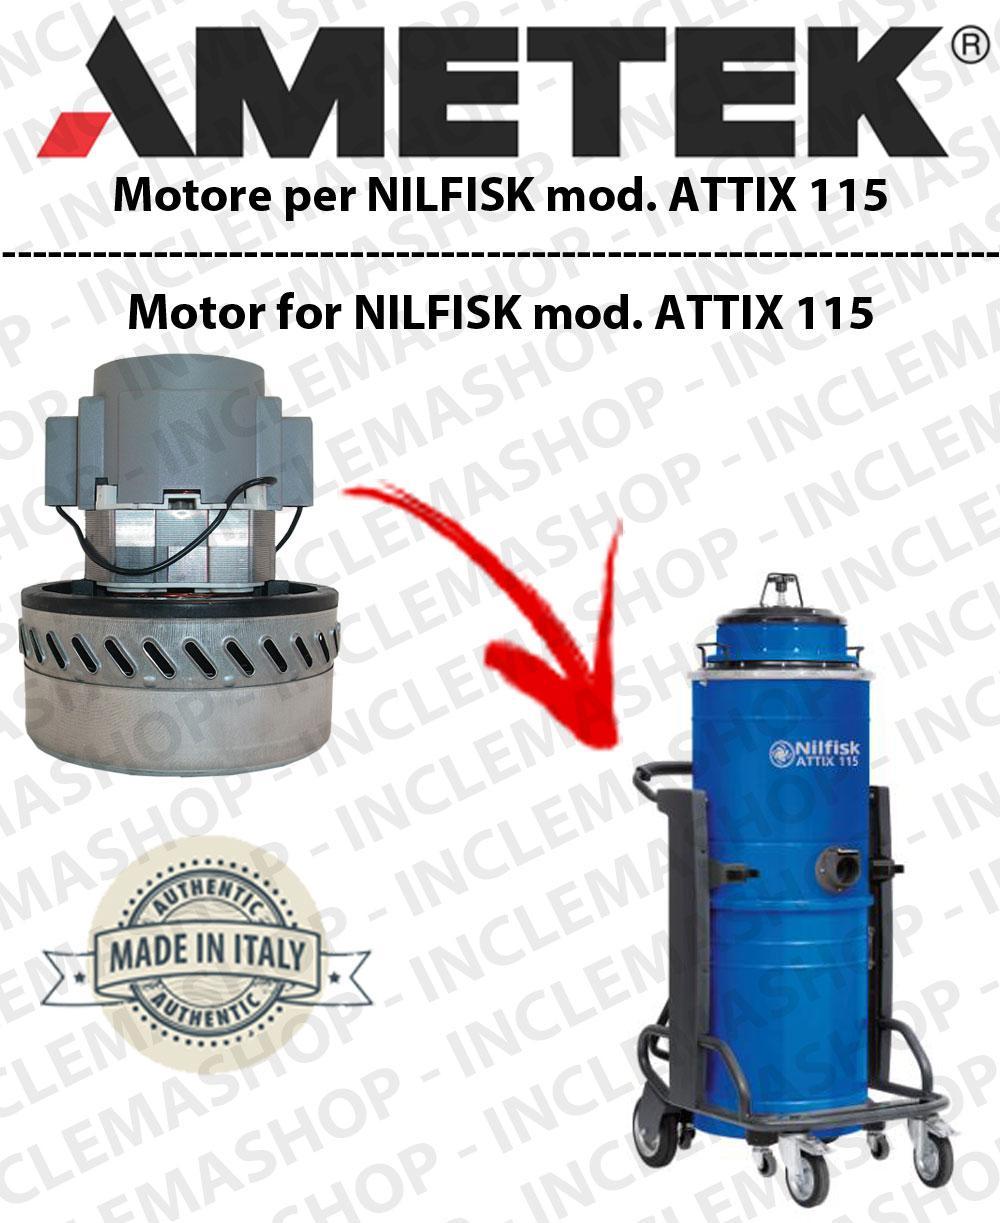 ATTIX 115 Saugmotor AMETEK für Staubsauger NILFISK